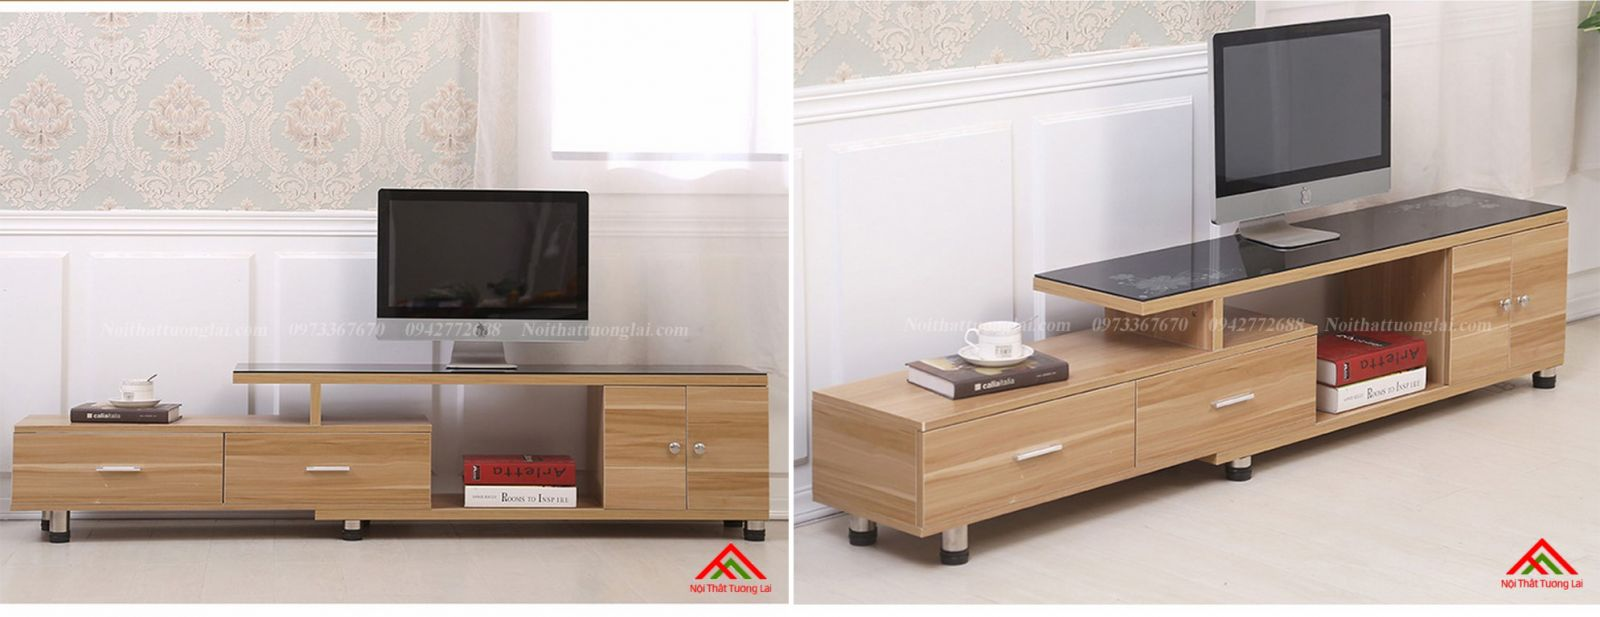 Kệ tivi gỗ mặt kính vẻ đẹp hiện đại KE6808 9